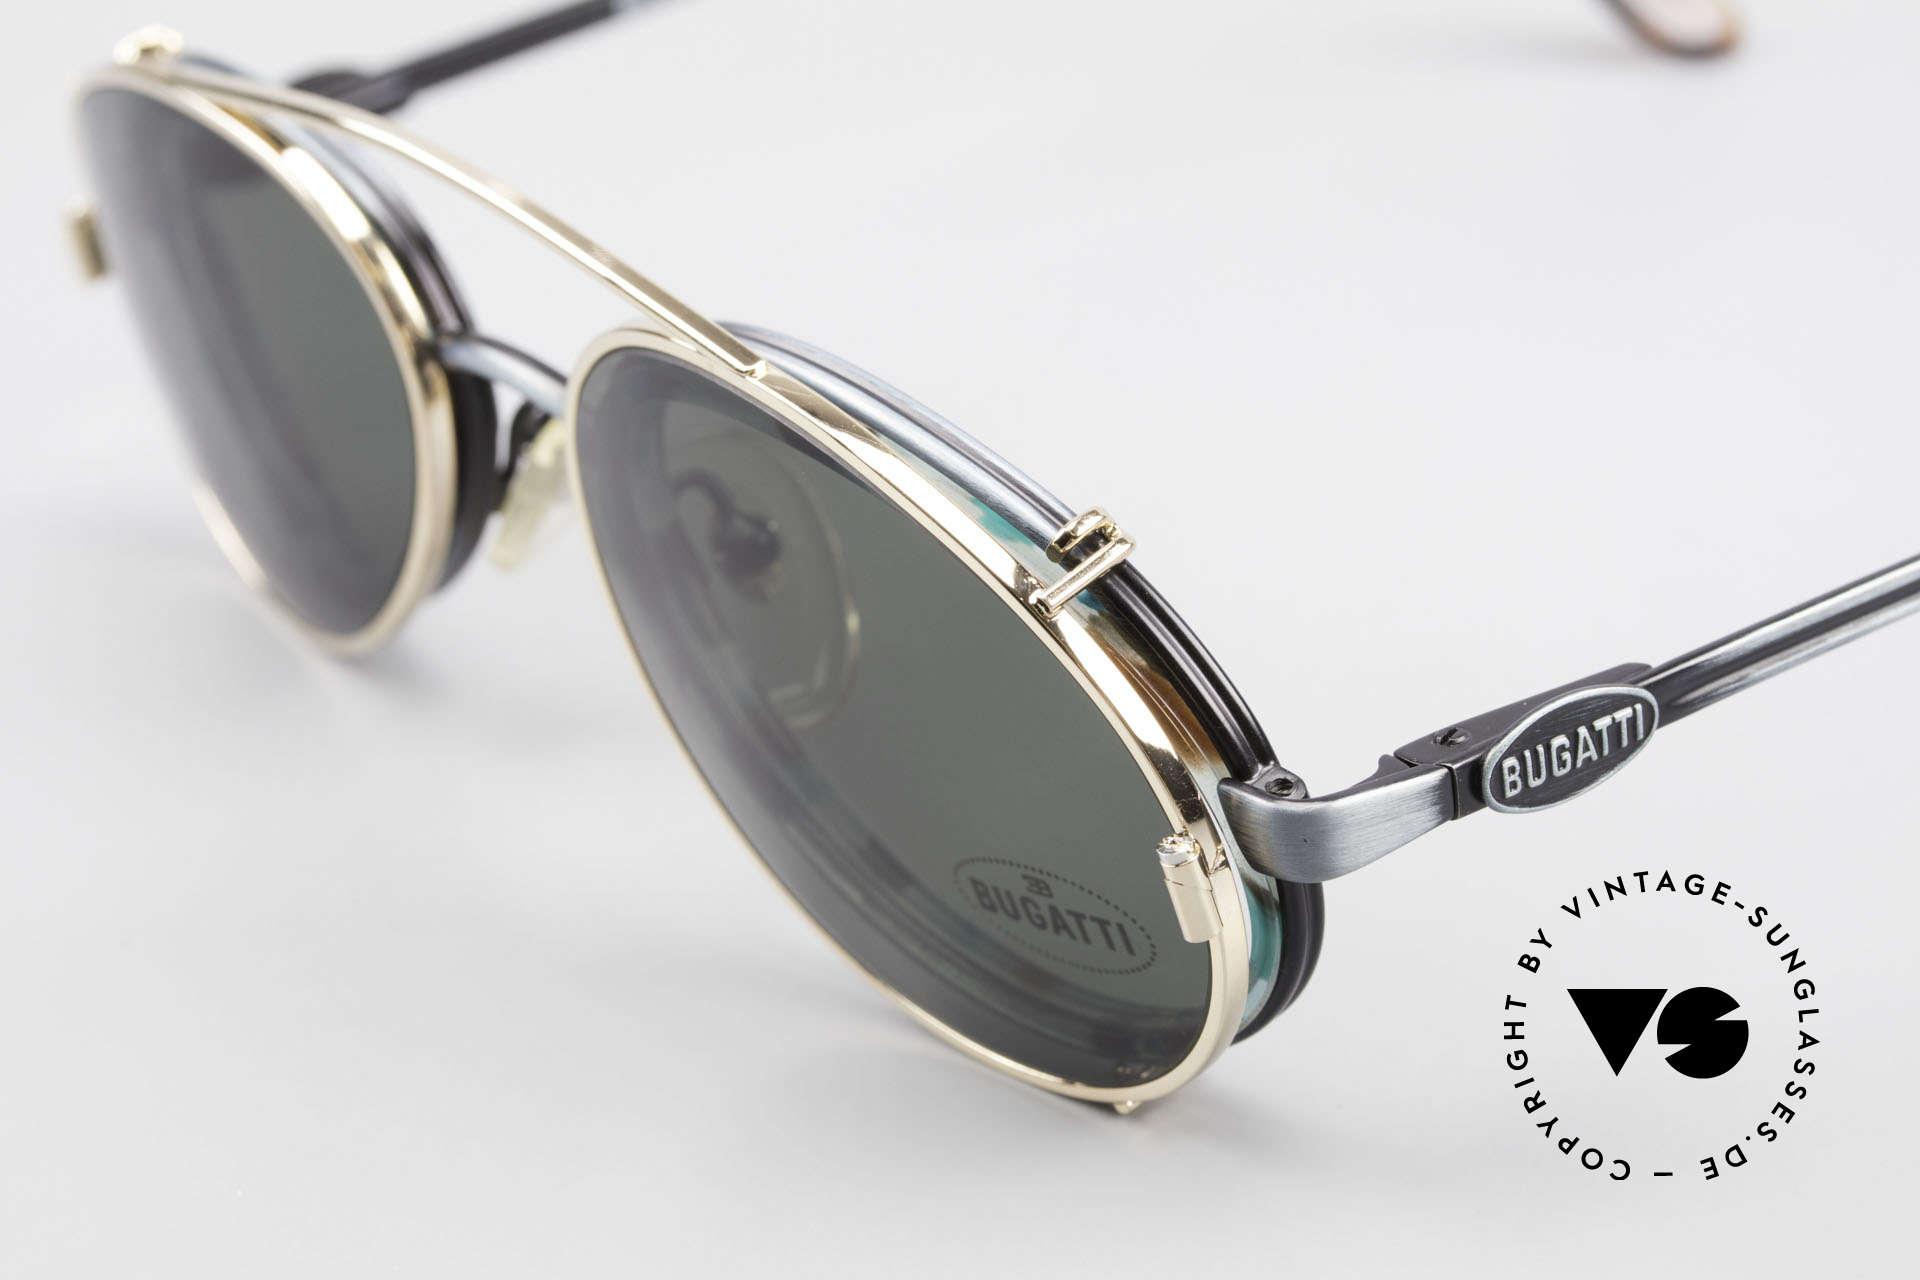 Bugatti 05728T 90er Herrenbrille Sonnen Clip, ungetragen (wie alle unsere Bugatti-Brillen) mit Etui, Passend für Herren